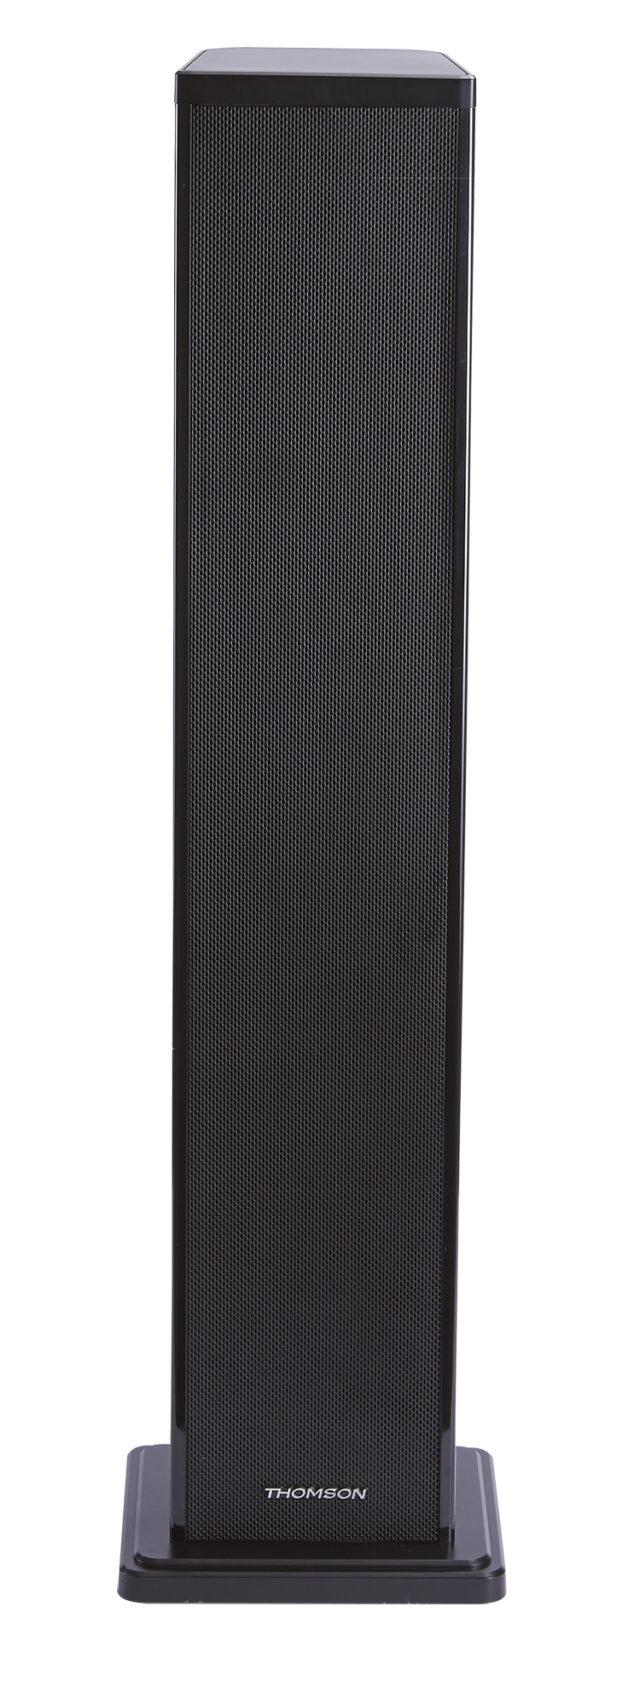 Wireless stereo speaker system (black) - Packshot